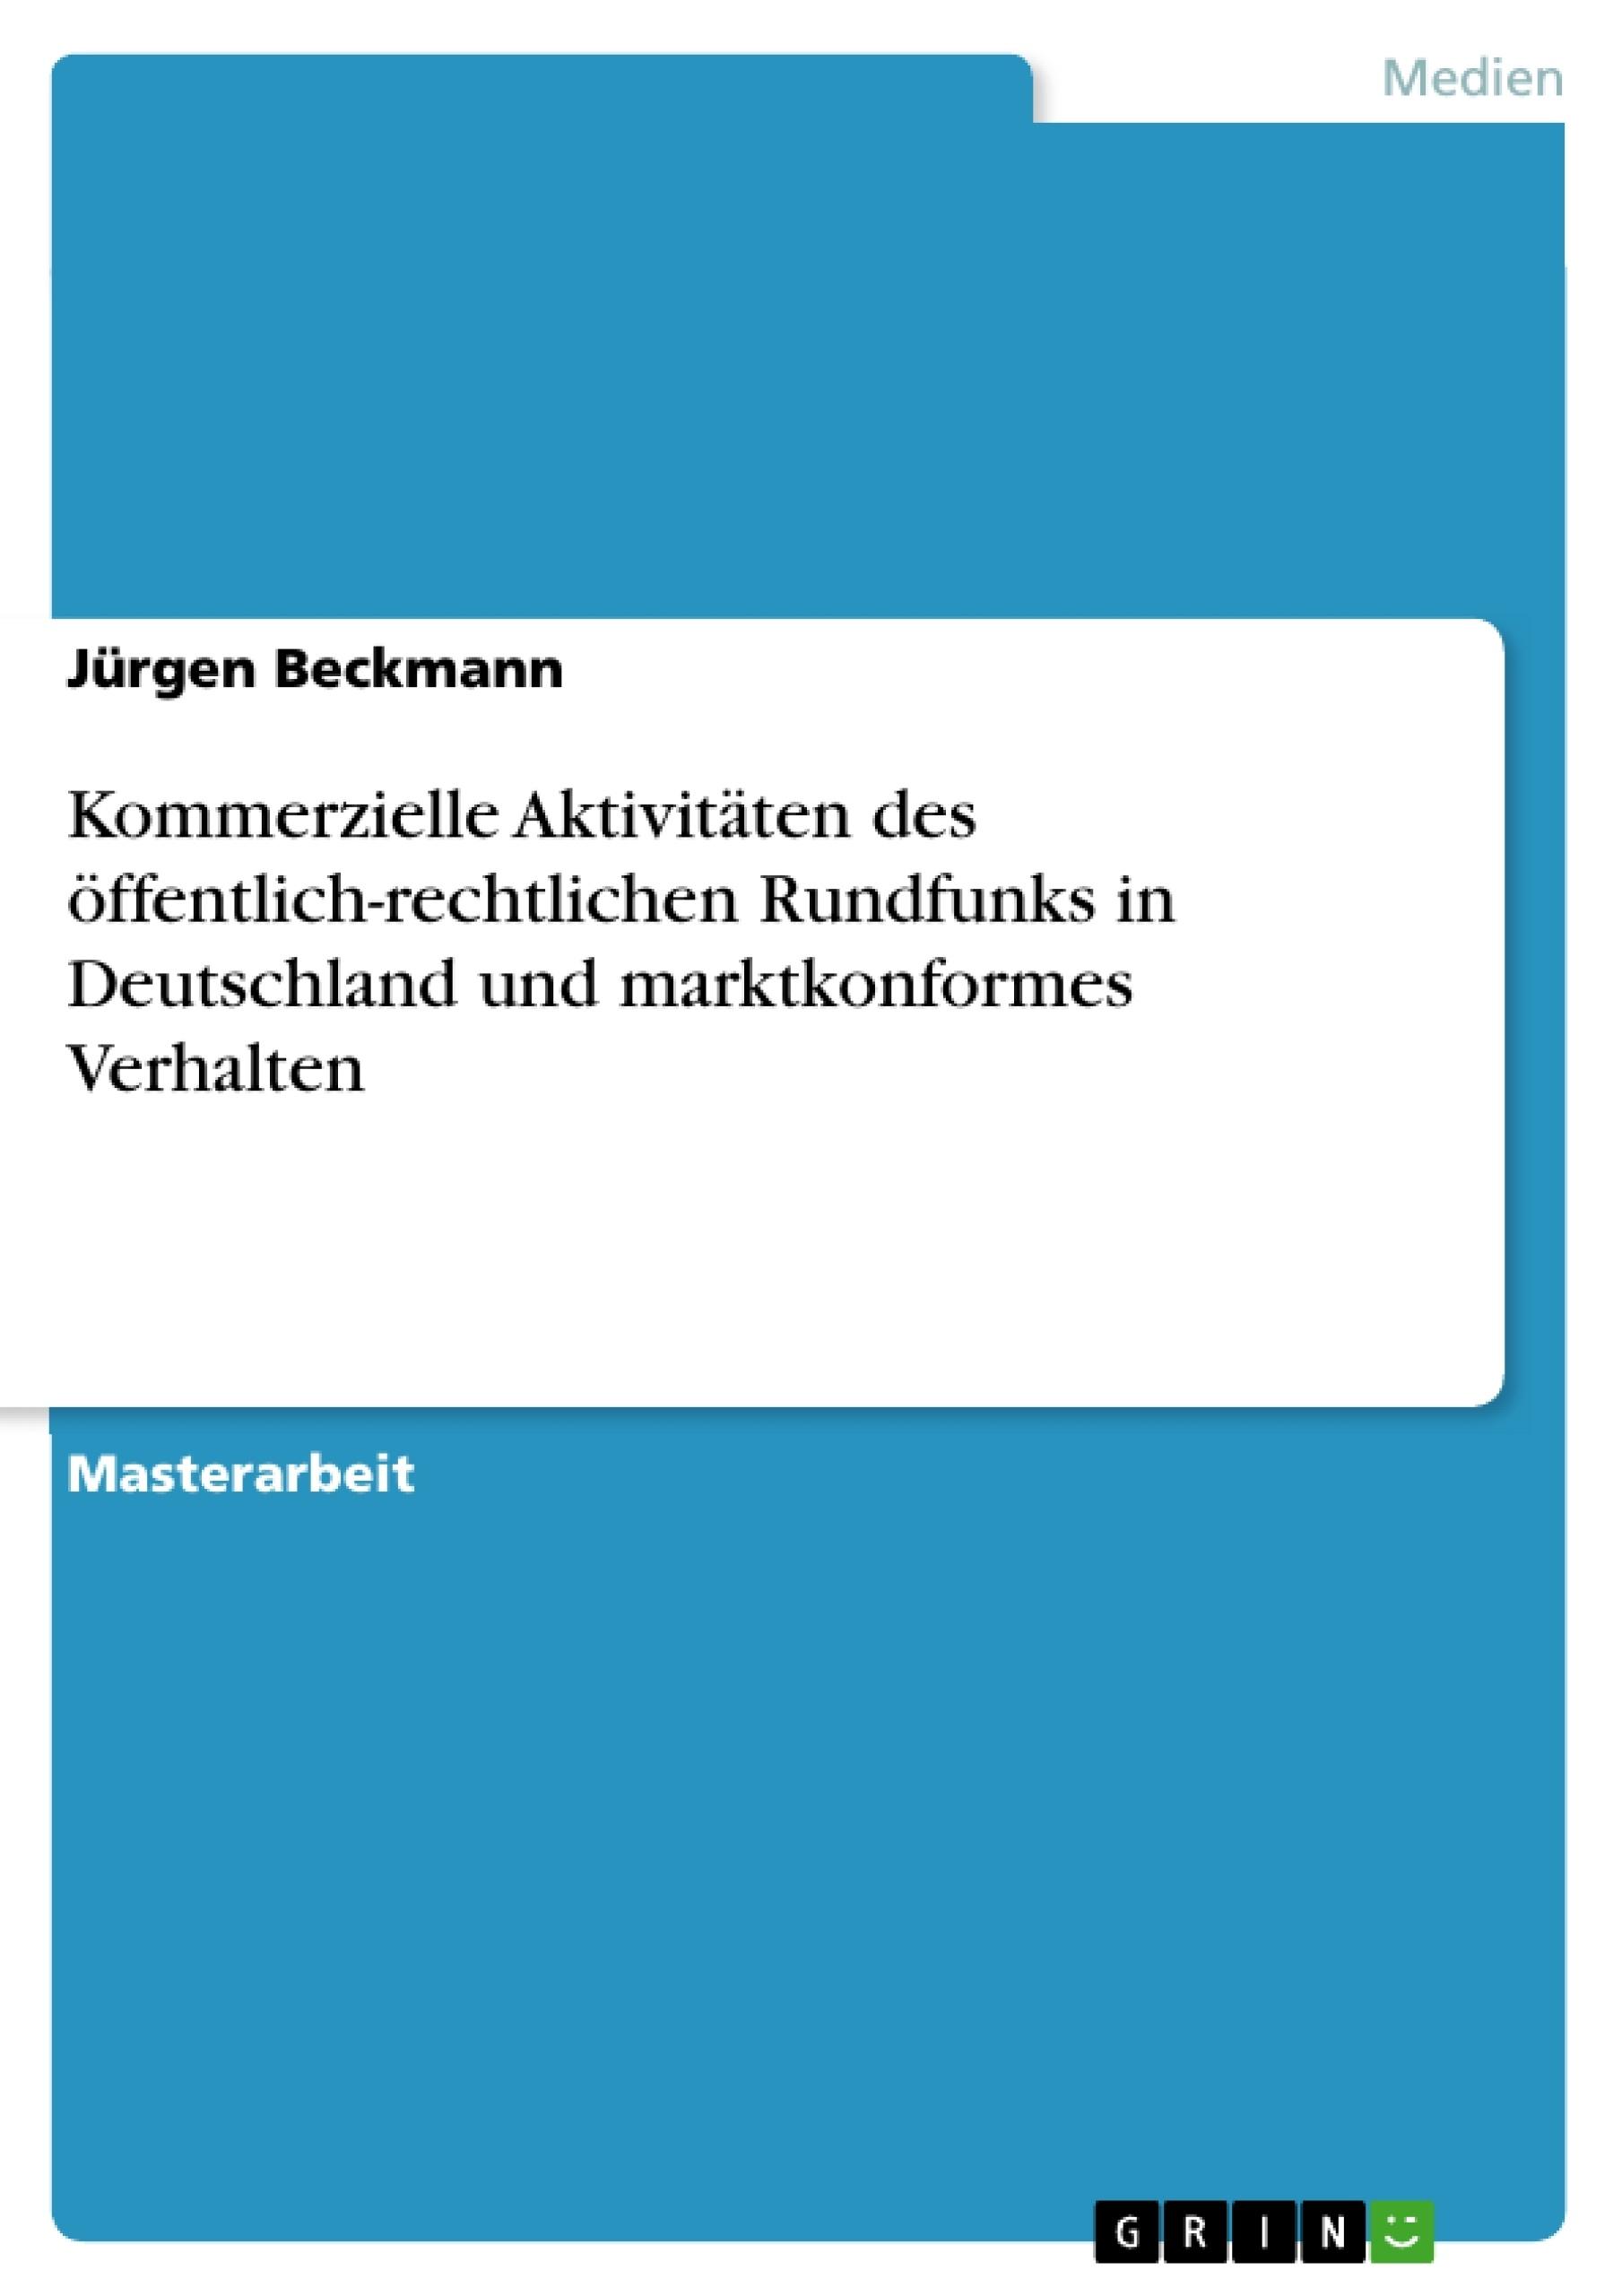 Titel: Kommerzielle Aktivitäten des öffentlich-rechtlichen Rundfunks in Deutschland und marktkonformes Verhalten